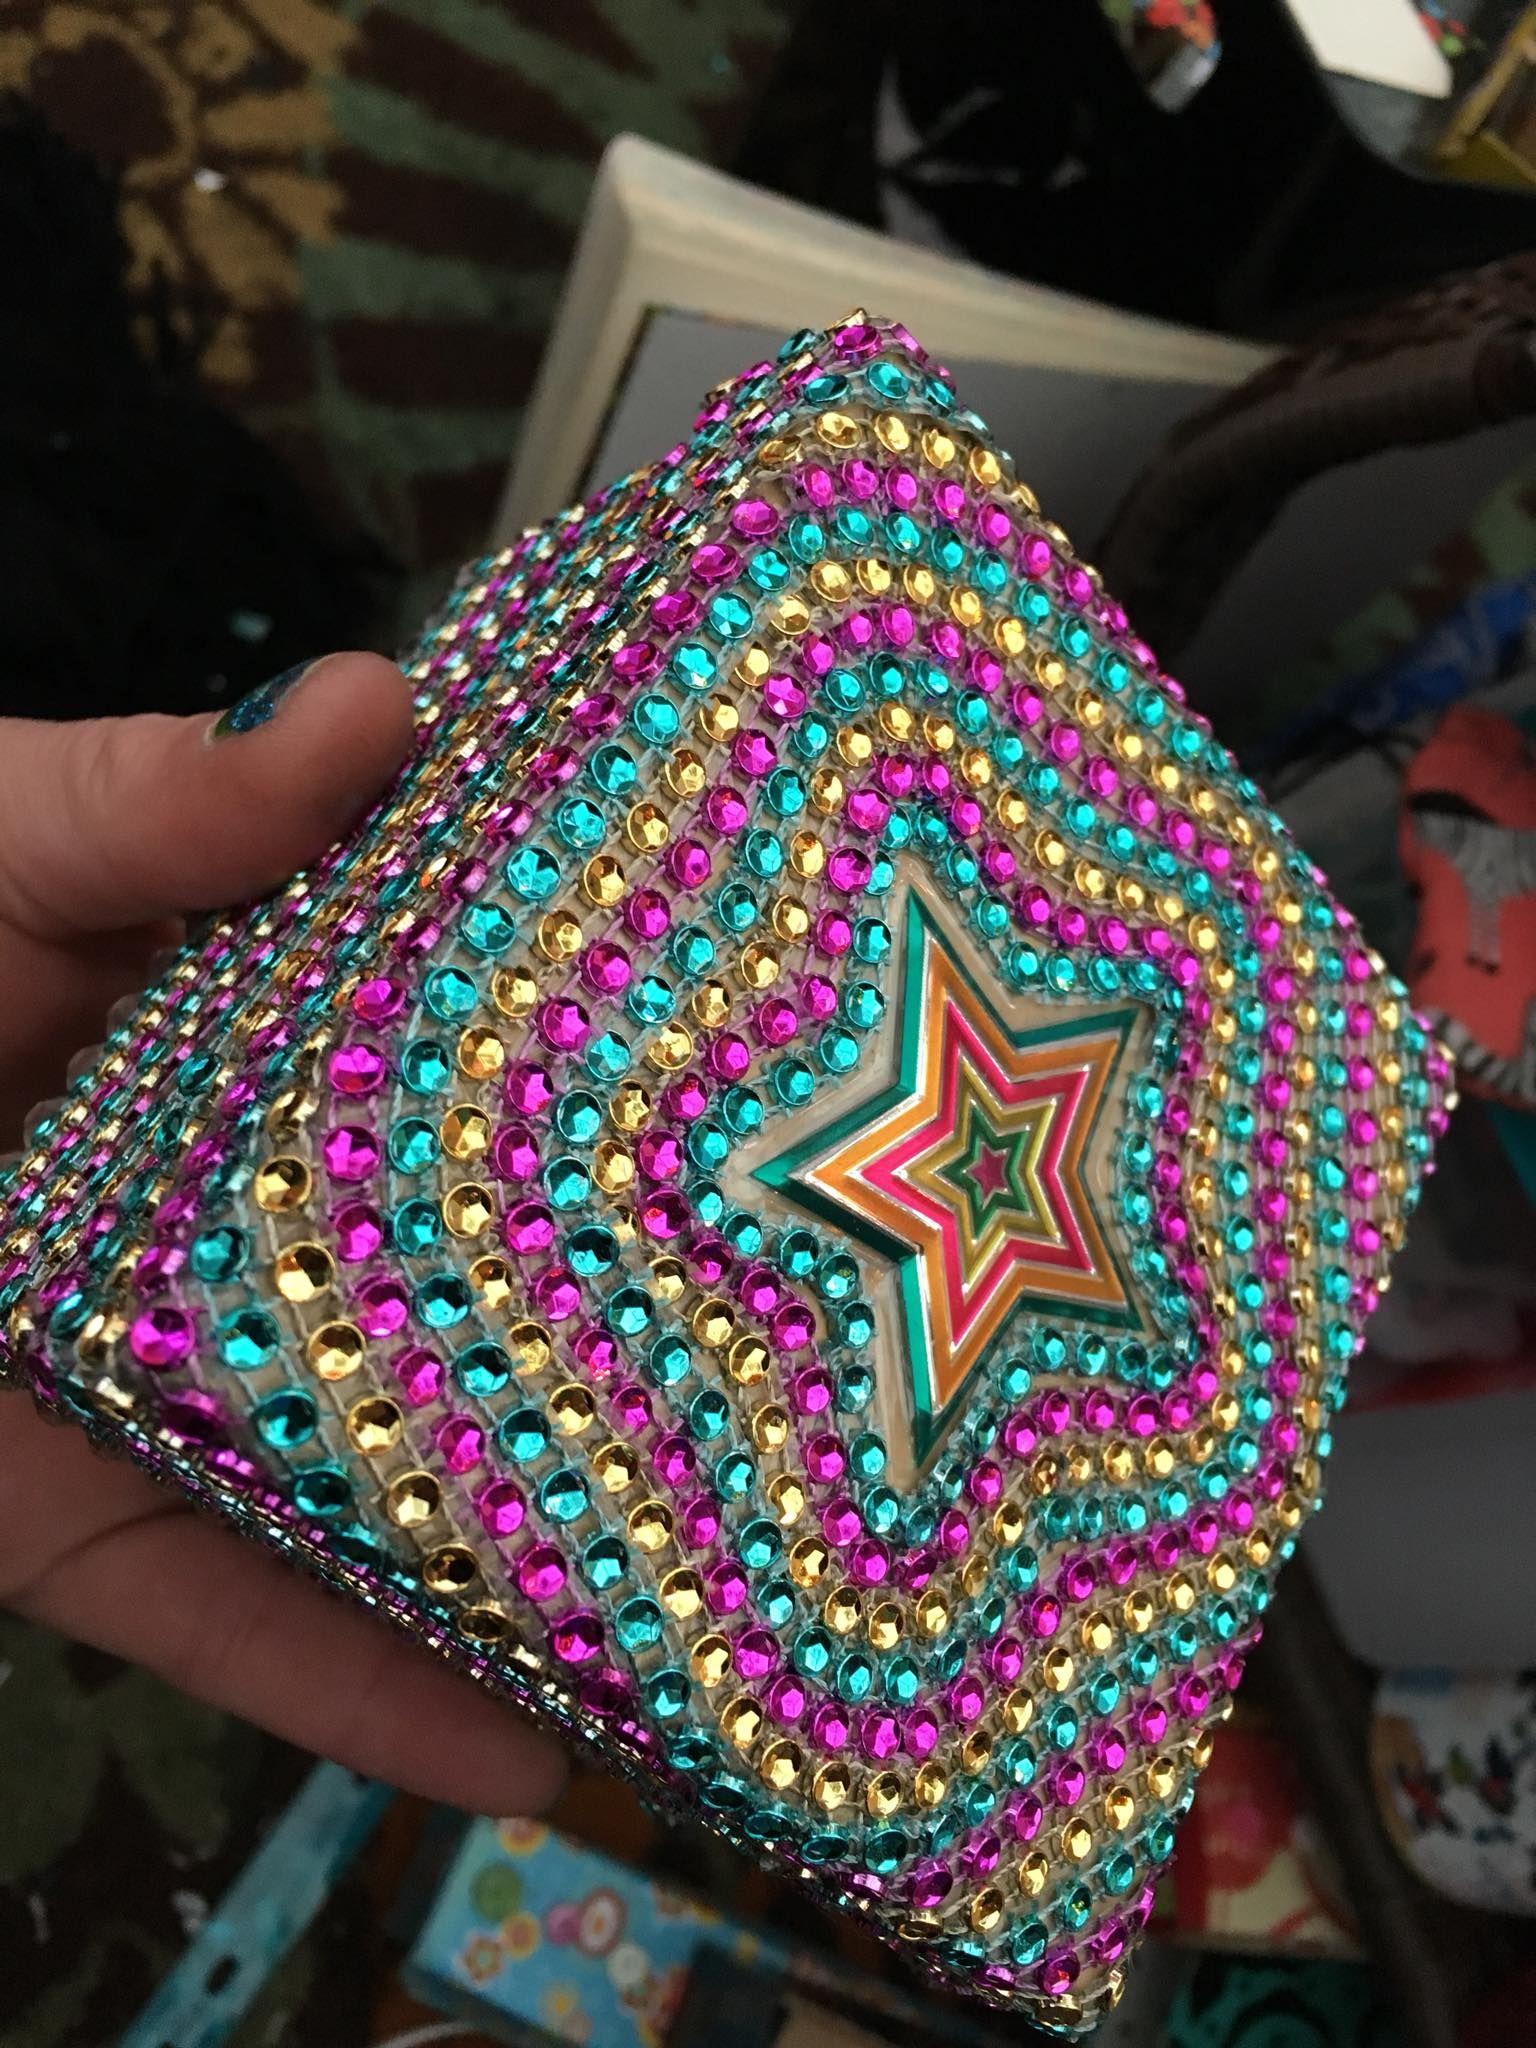 Pin von Lori Colton auf Dollar Tree Crafts | Pinterest